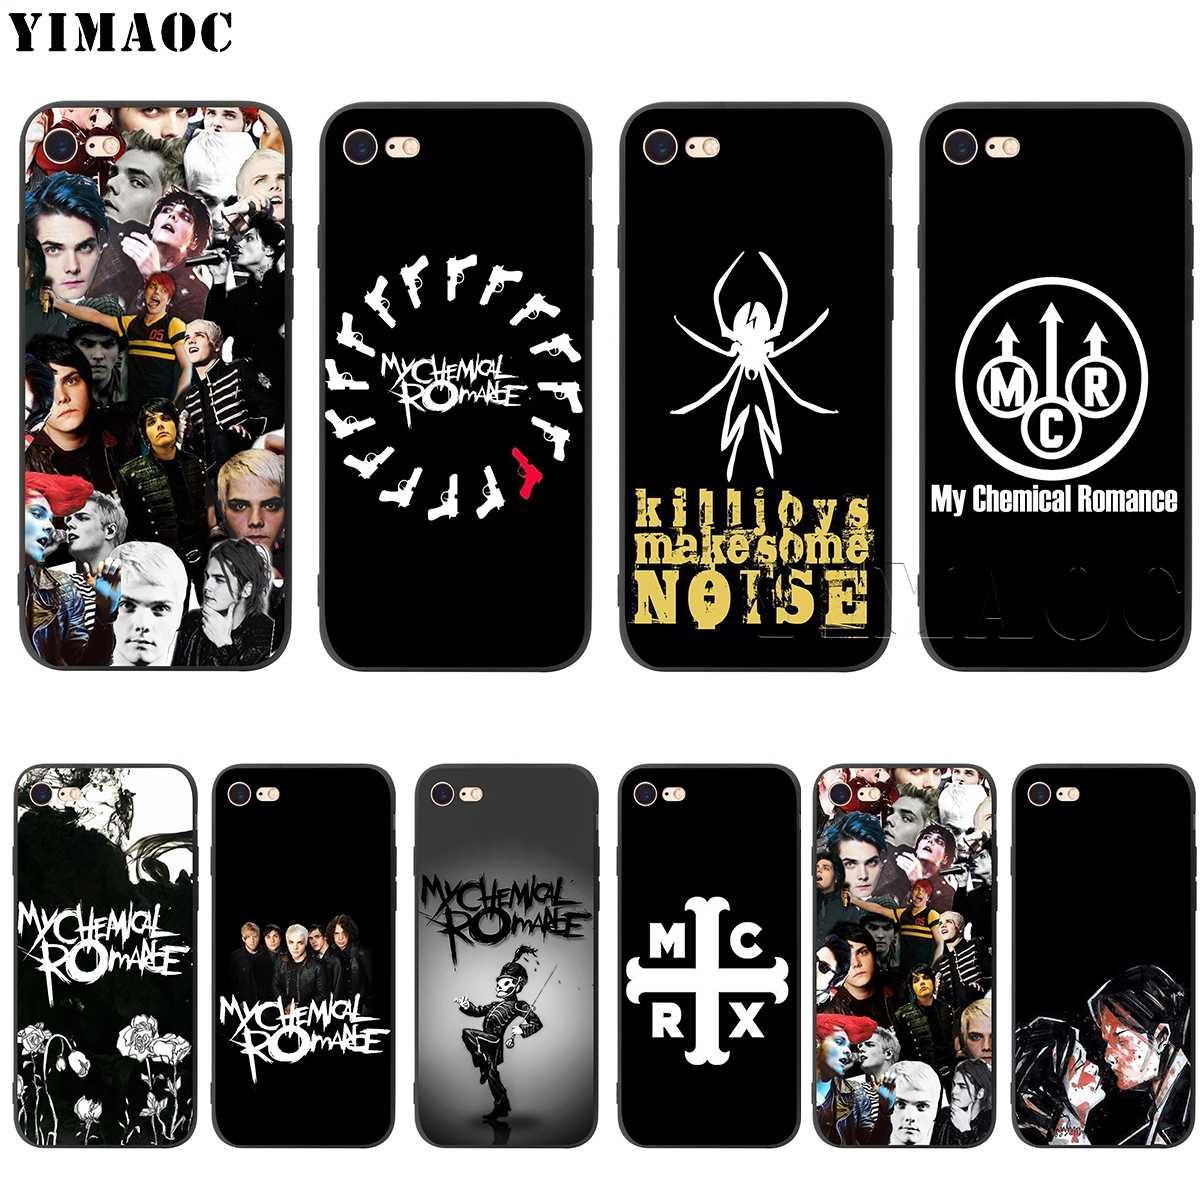 mcr iphone 7 case